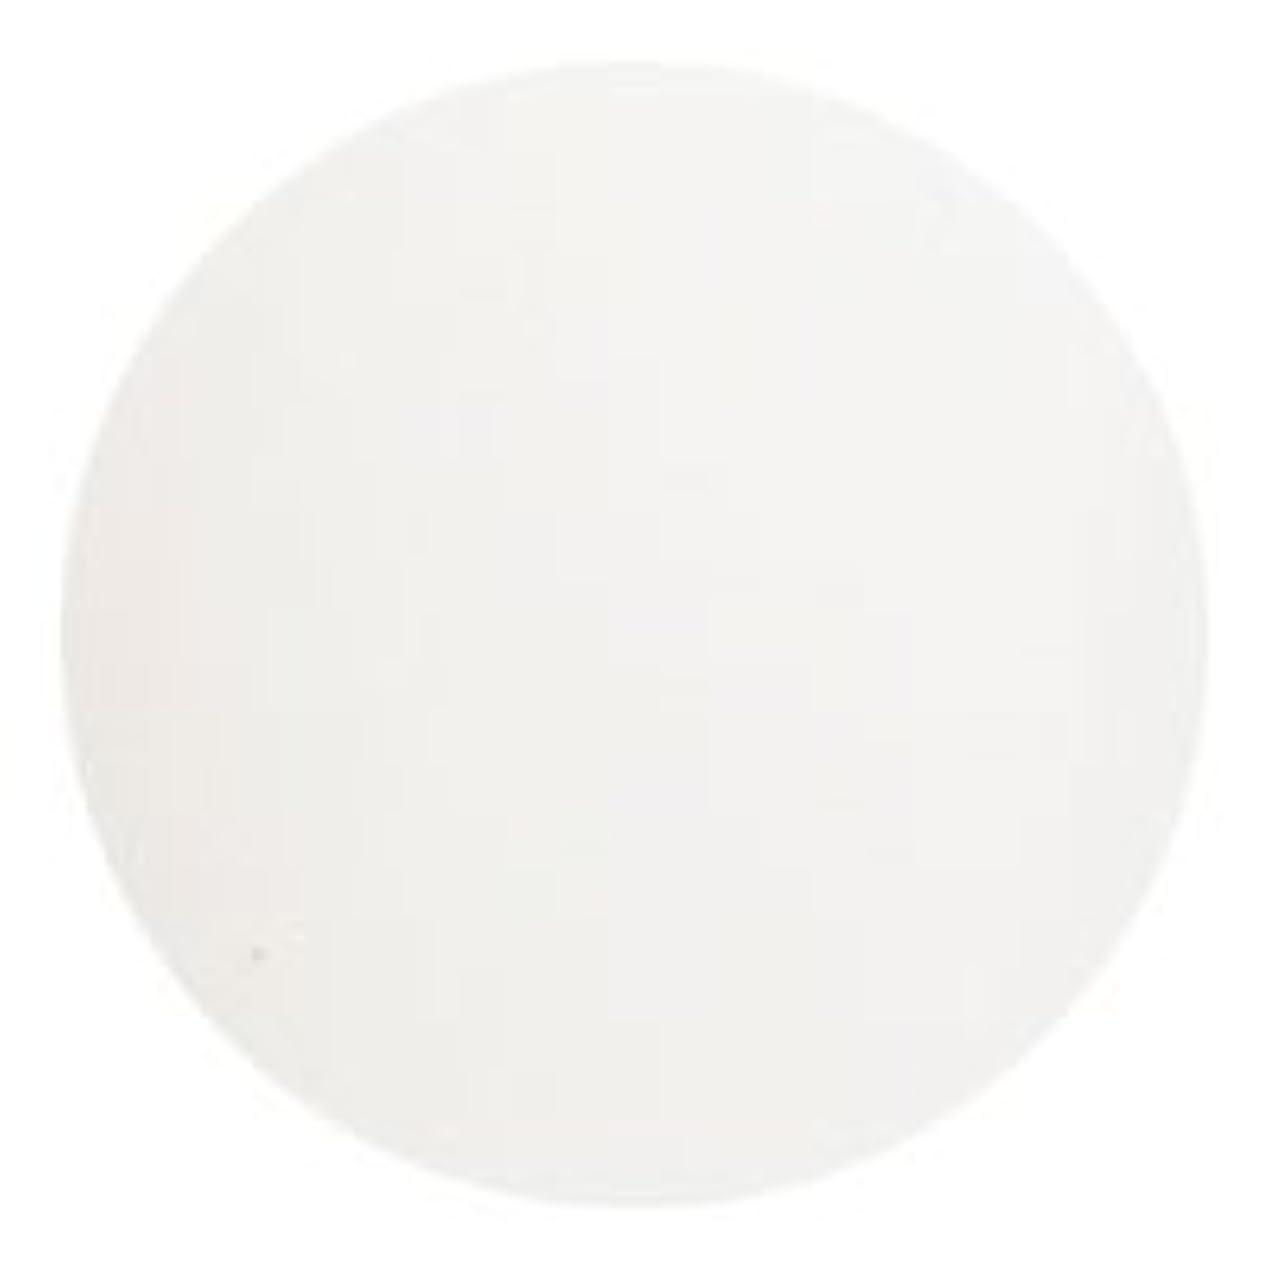 キャプテンブライレンダリングフリンジLEAFGEL PREMIUM(リーフジェル プレミアム) カラージェル シースルー 4g K08 クラルテ?フラグランス